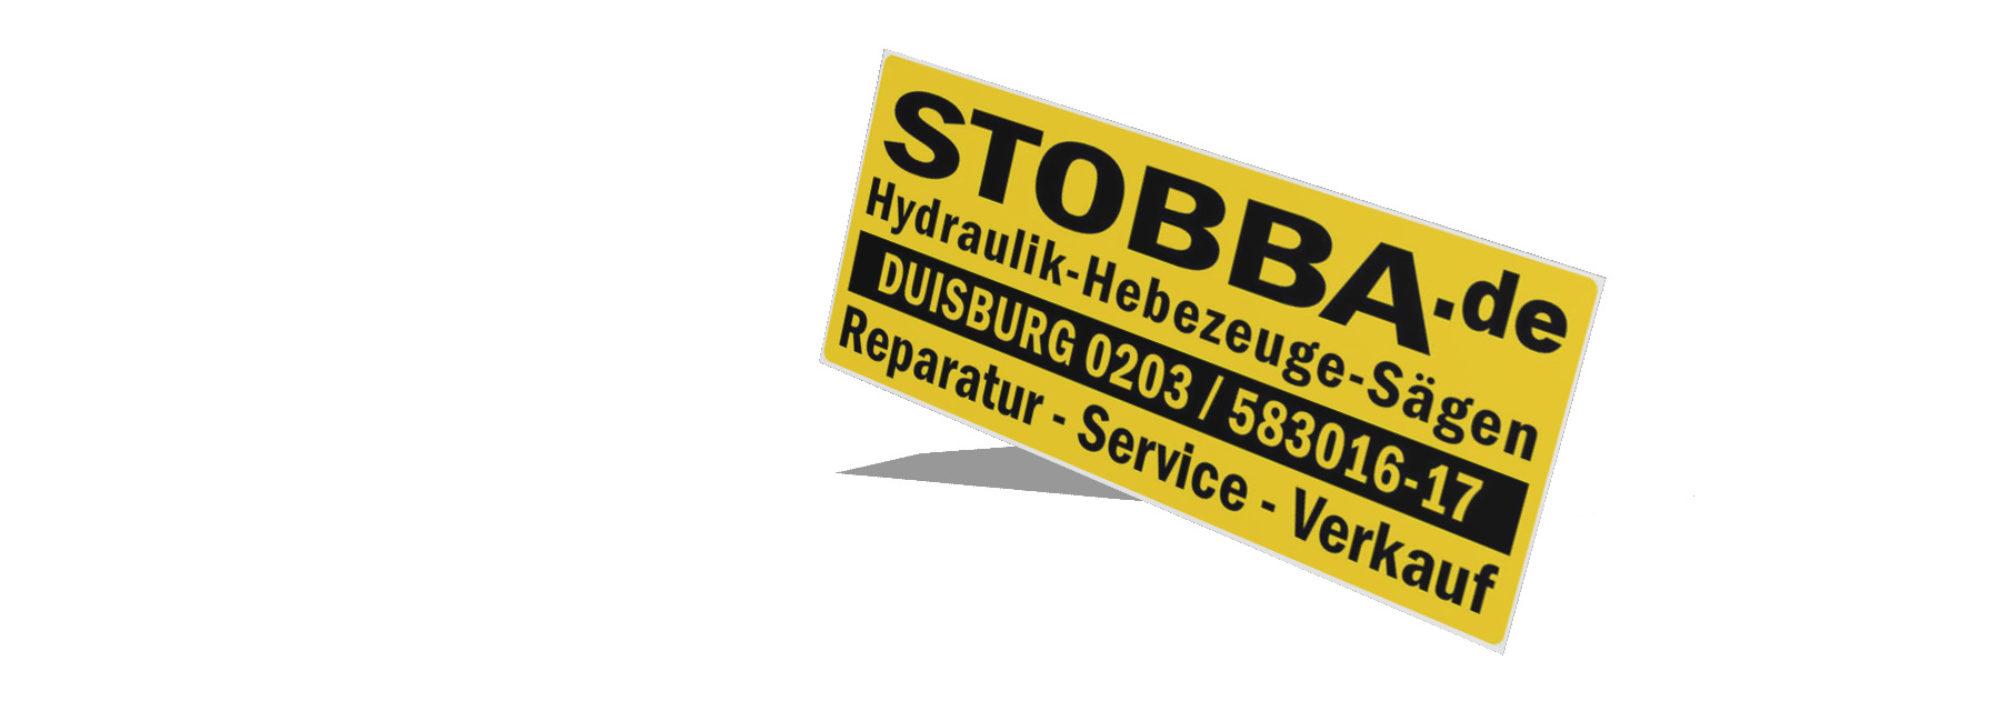 Stobba.de